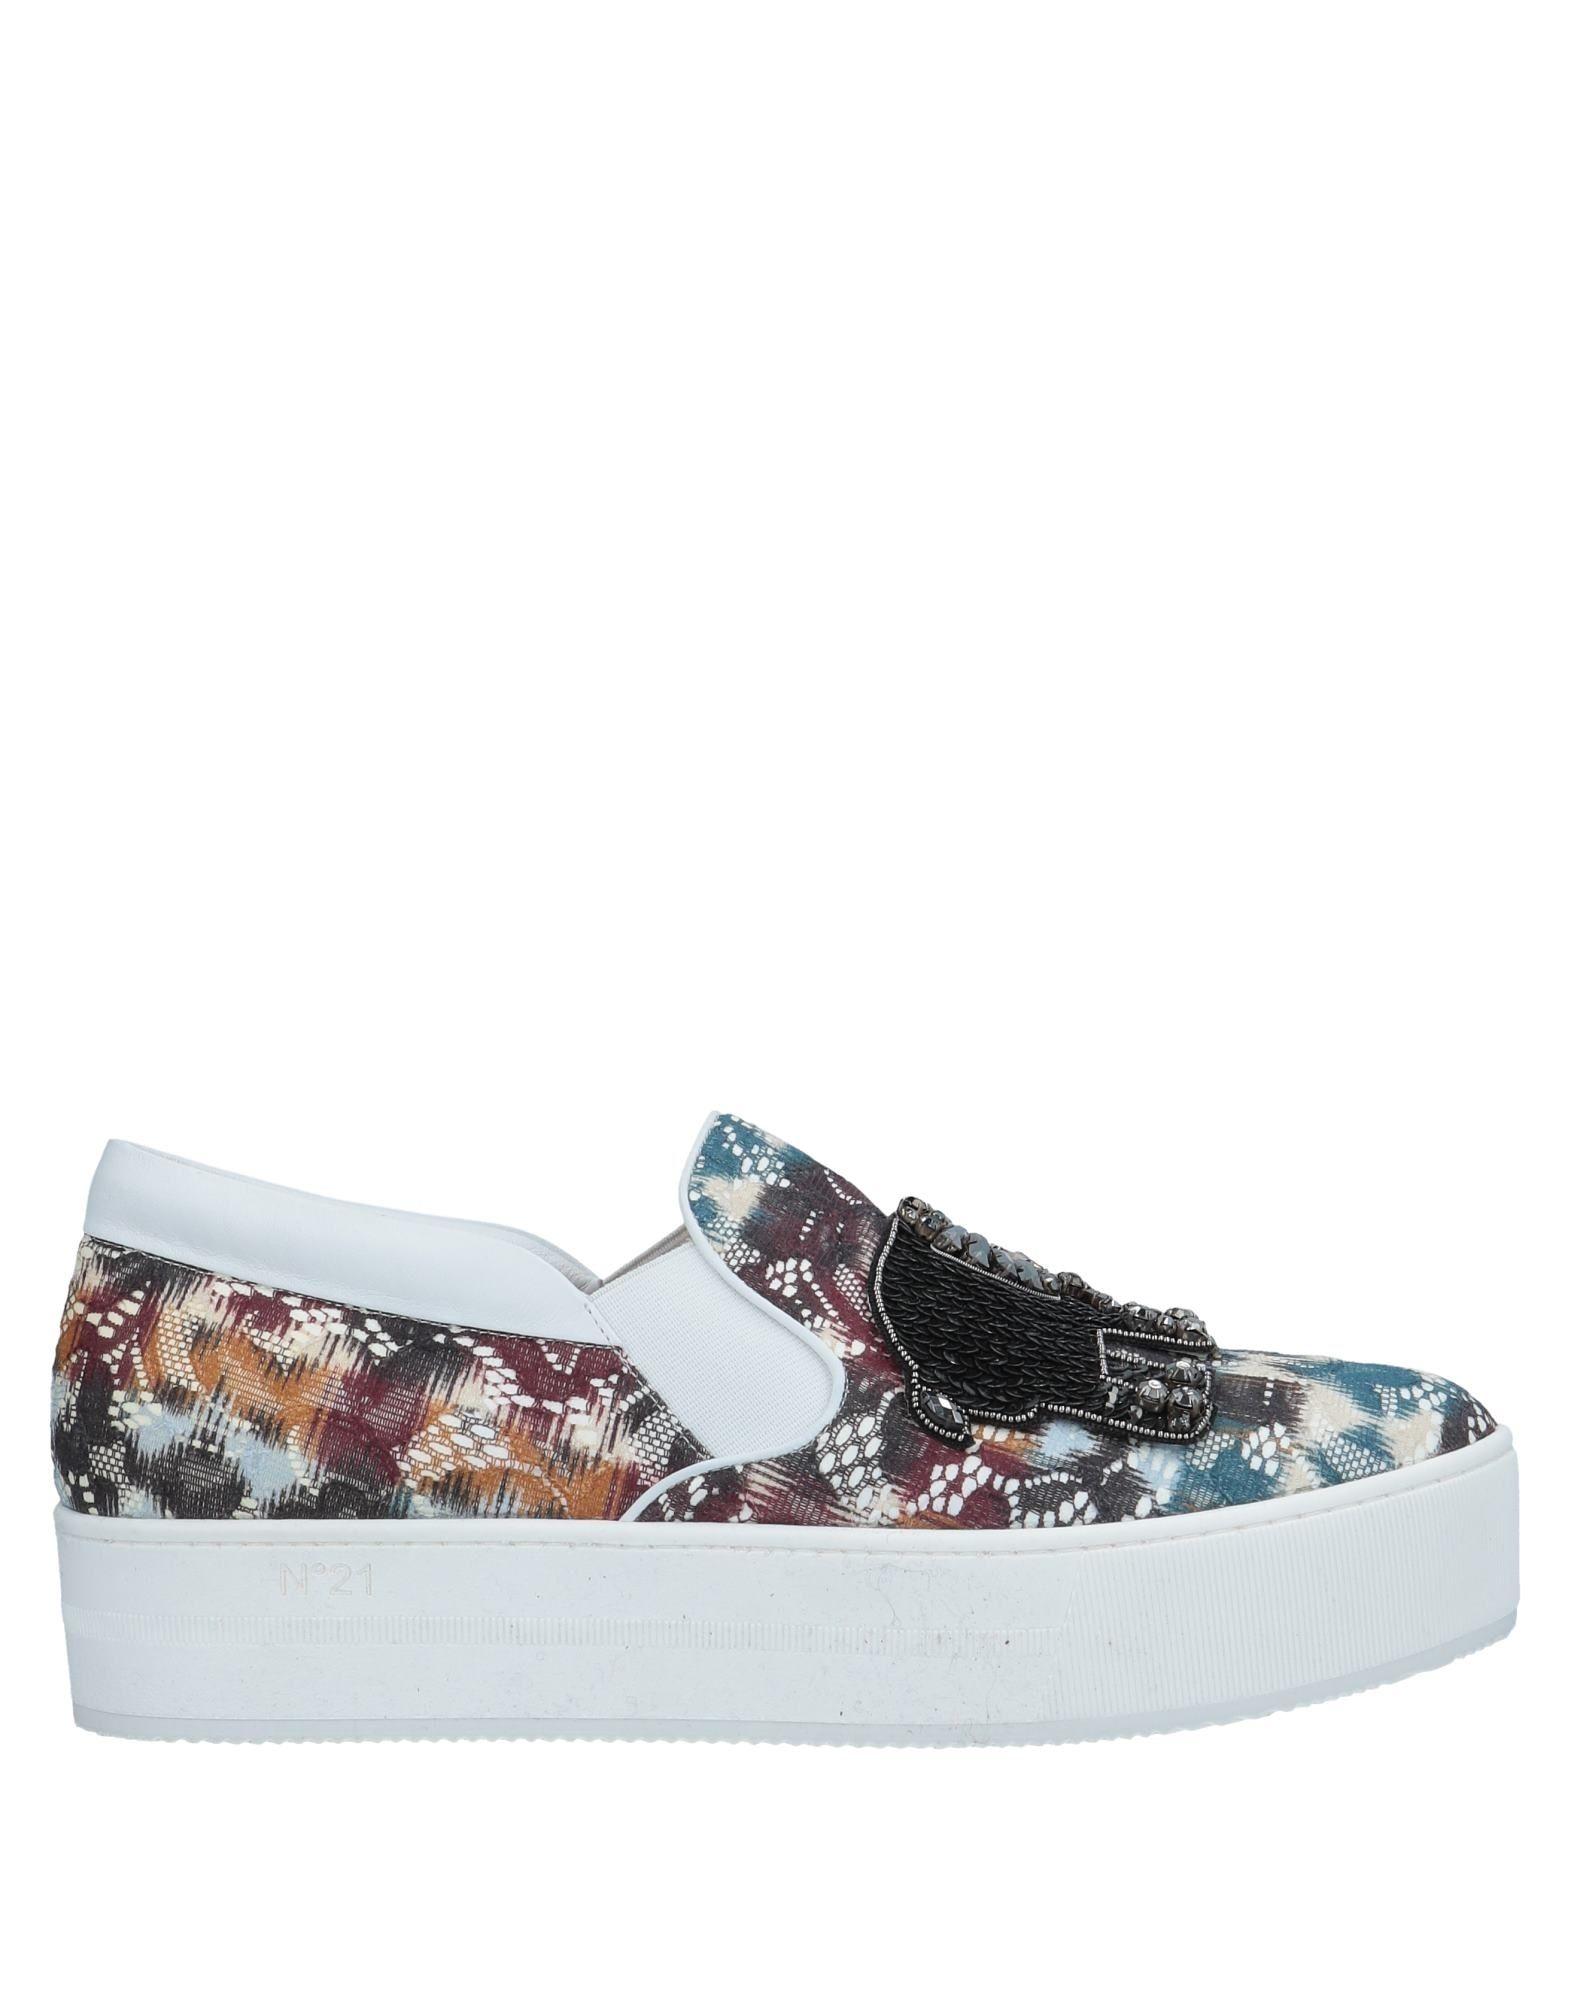 N° 21 Sneakers - - - Women N° 21 Sneakers online on  United Kingdom - 11550335OH 3732bd